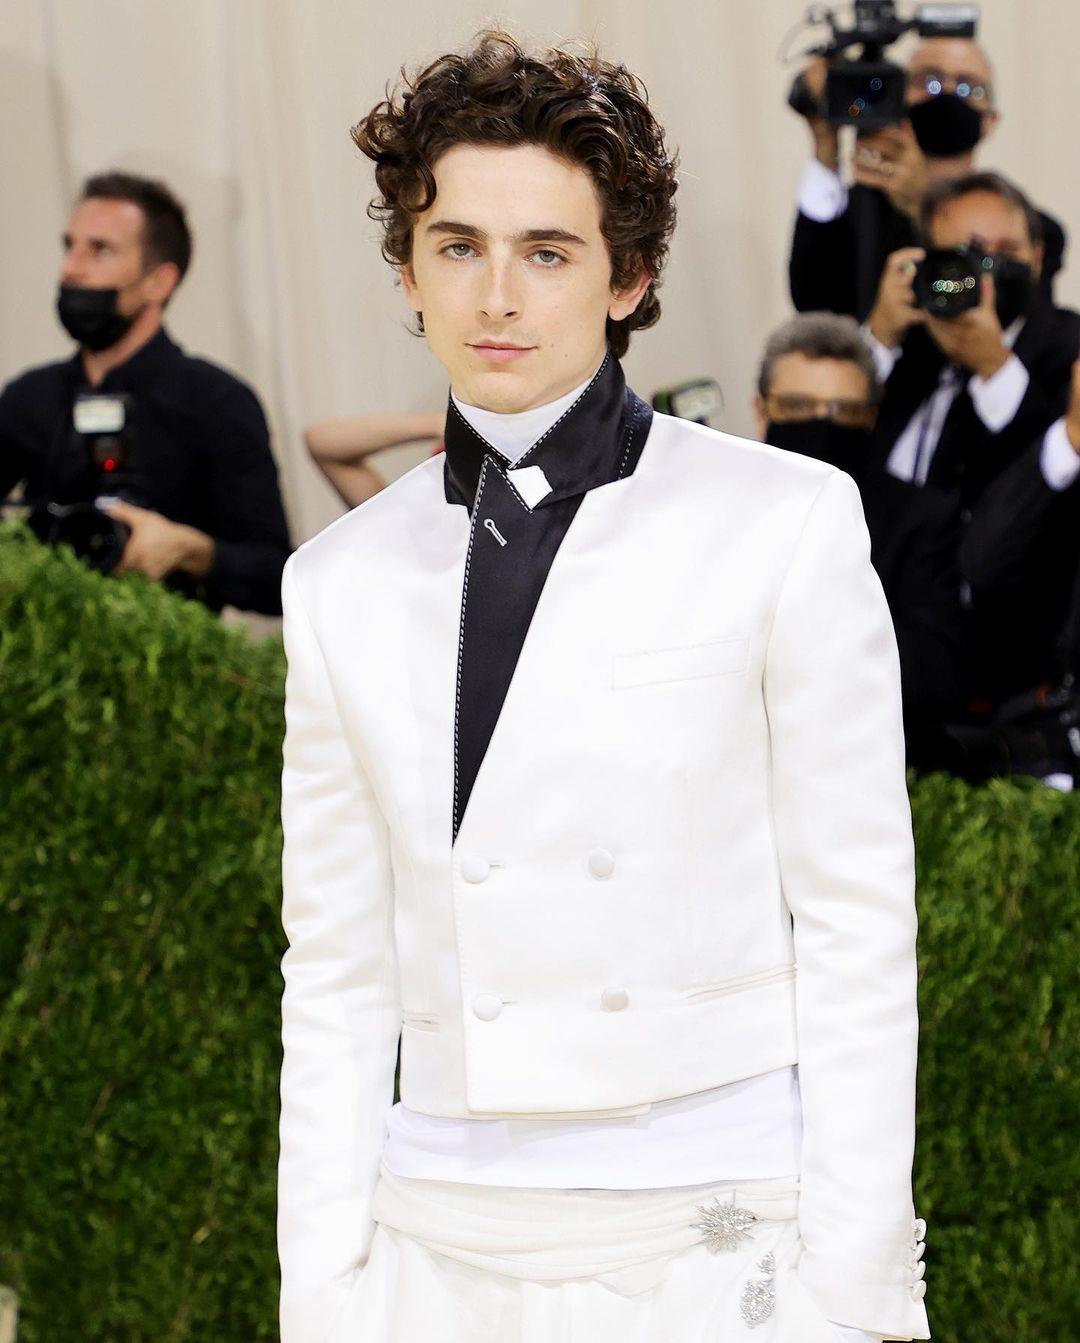 'Hoàng tử thảm đỏ' Timothée Chalamet là một trong những ngôi sao trẻ 'cầm trịch' bữa tiệc thời trang quyền lực. Anh chàng không khiến giới mộ điệu thất vọng với trang phục của mình...